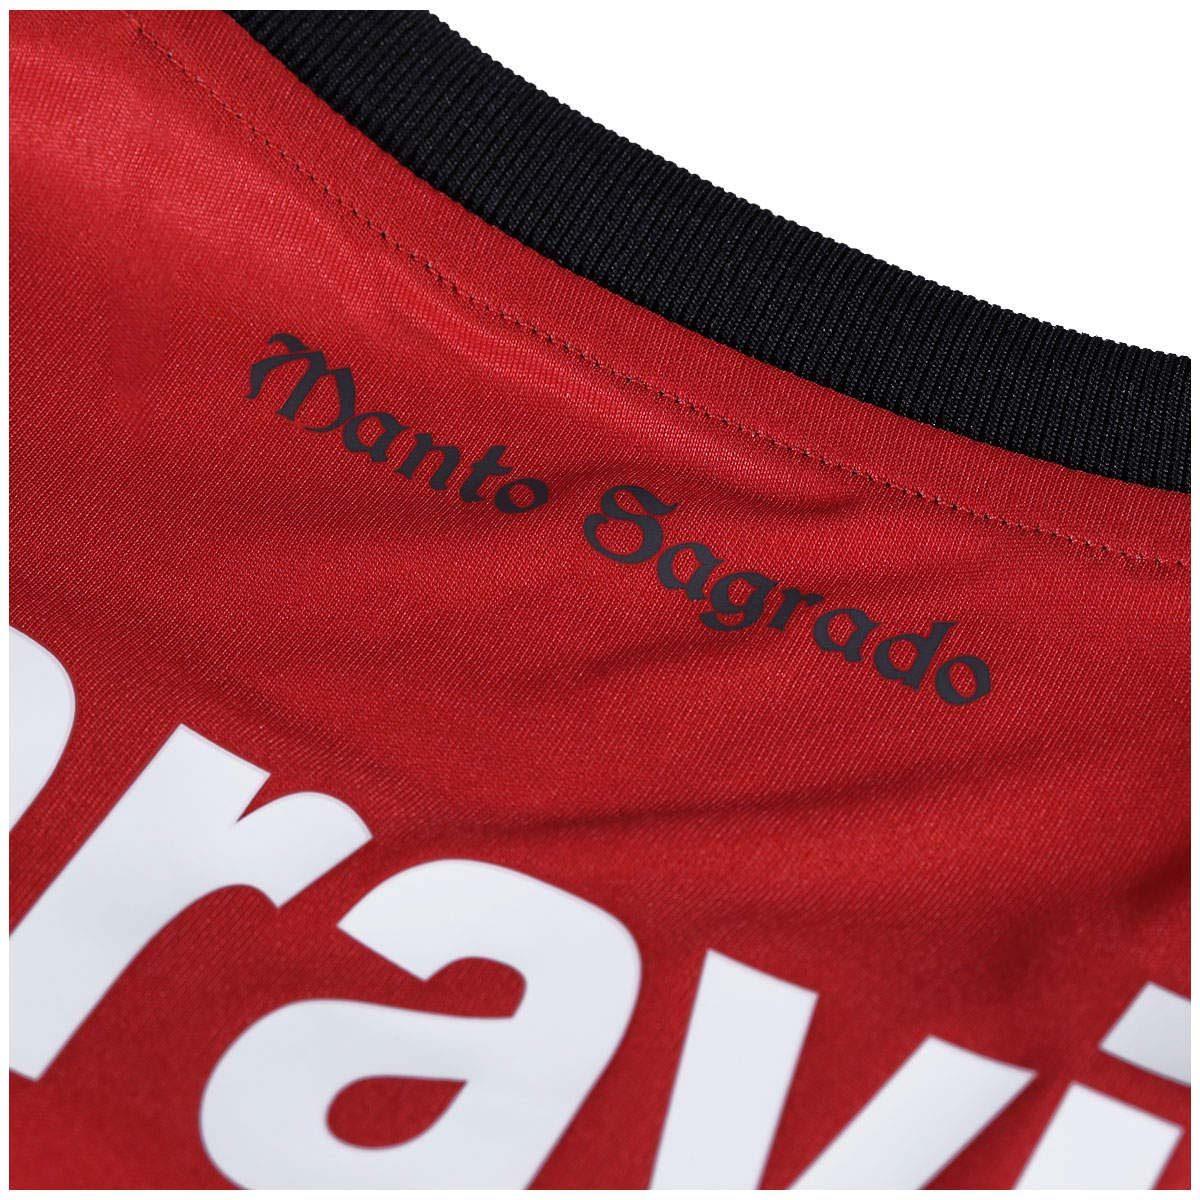 dd787dfdec Camisa adidas Flamengo 15 16 Original Oficial De 249